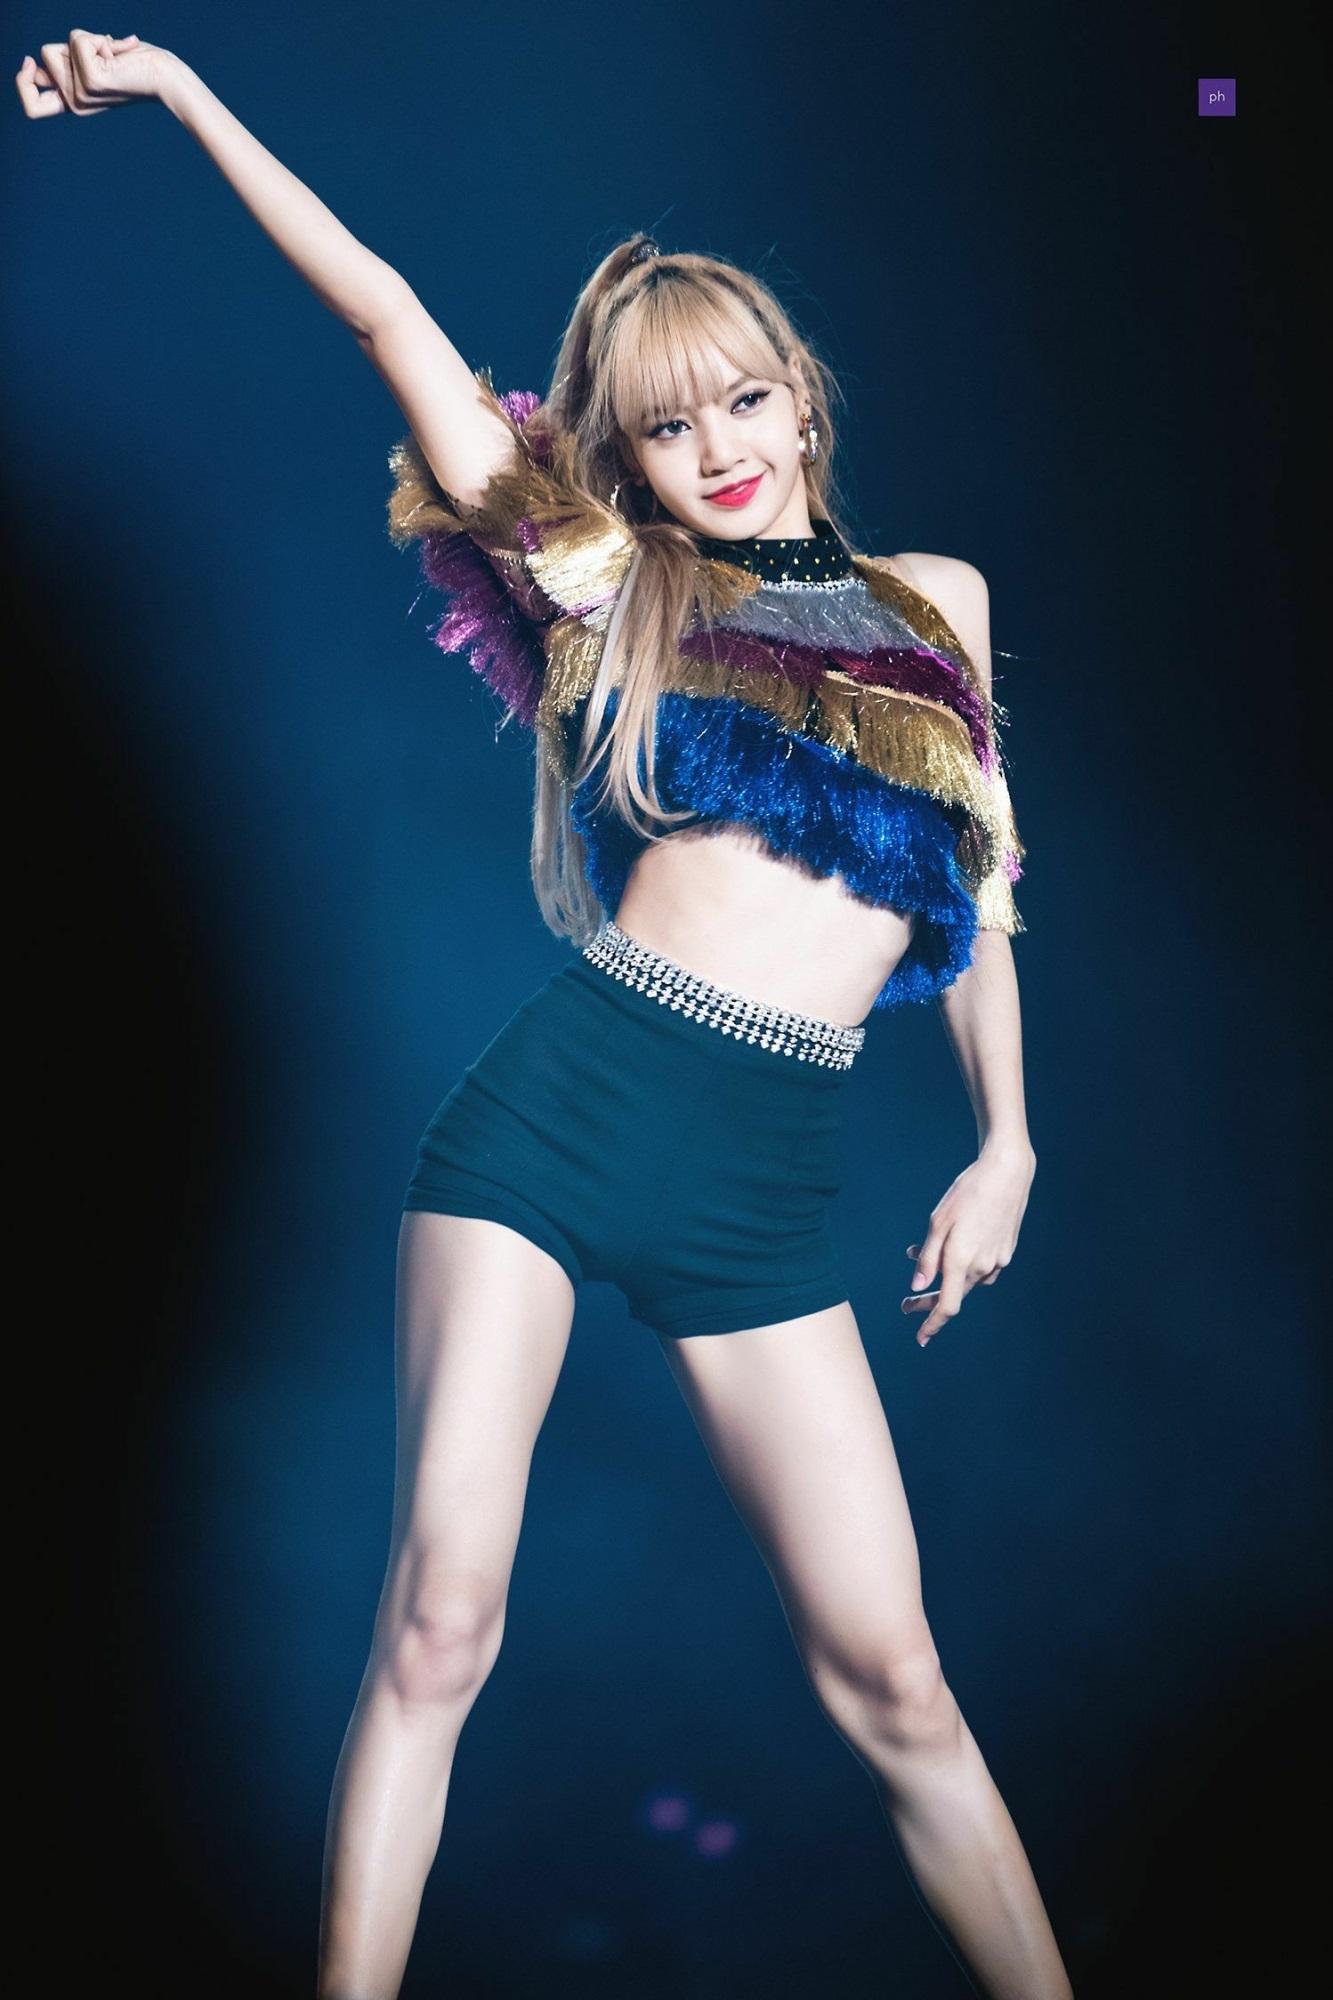 Nếu chung một lớp, những girlgroup Kpop sẽ là mẫu nữ sinh nào? - Ảnh 8